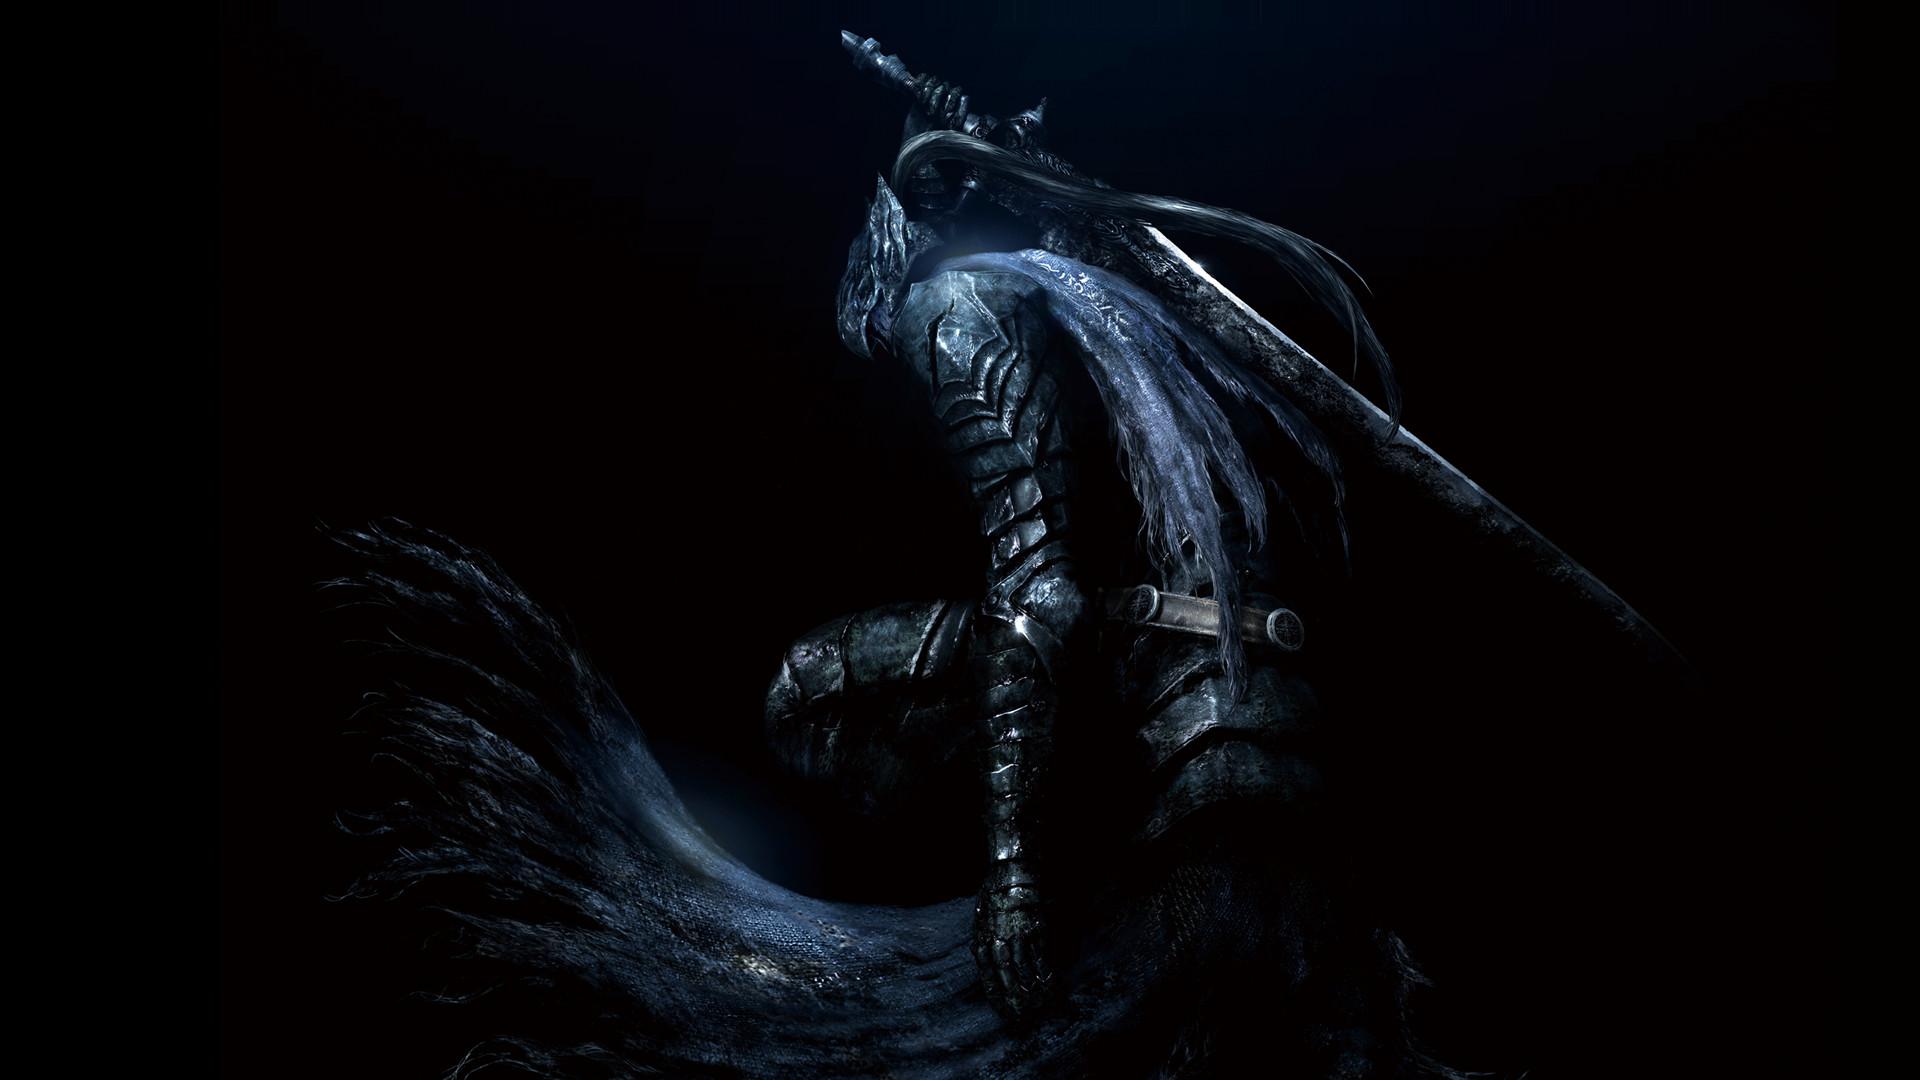 Artorias The Abysswalker Dark Souls Fantasy Art Video Games …